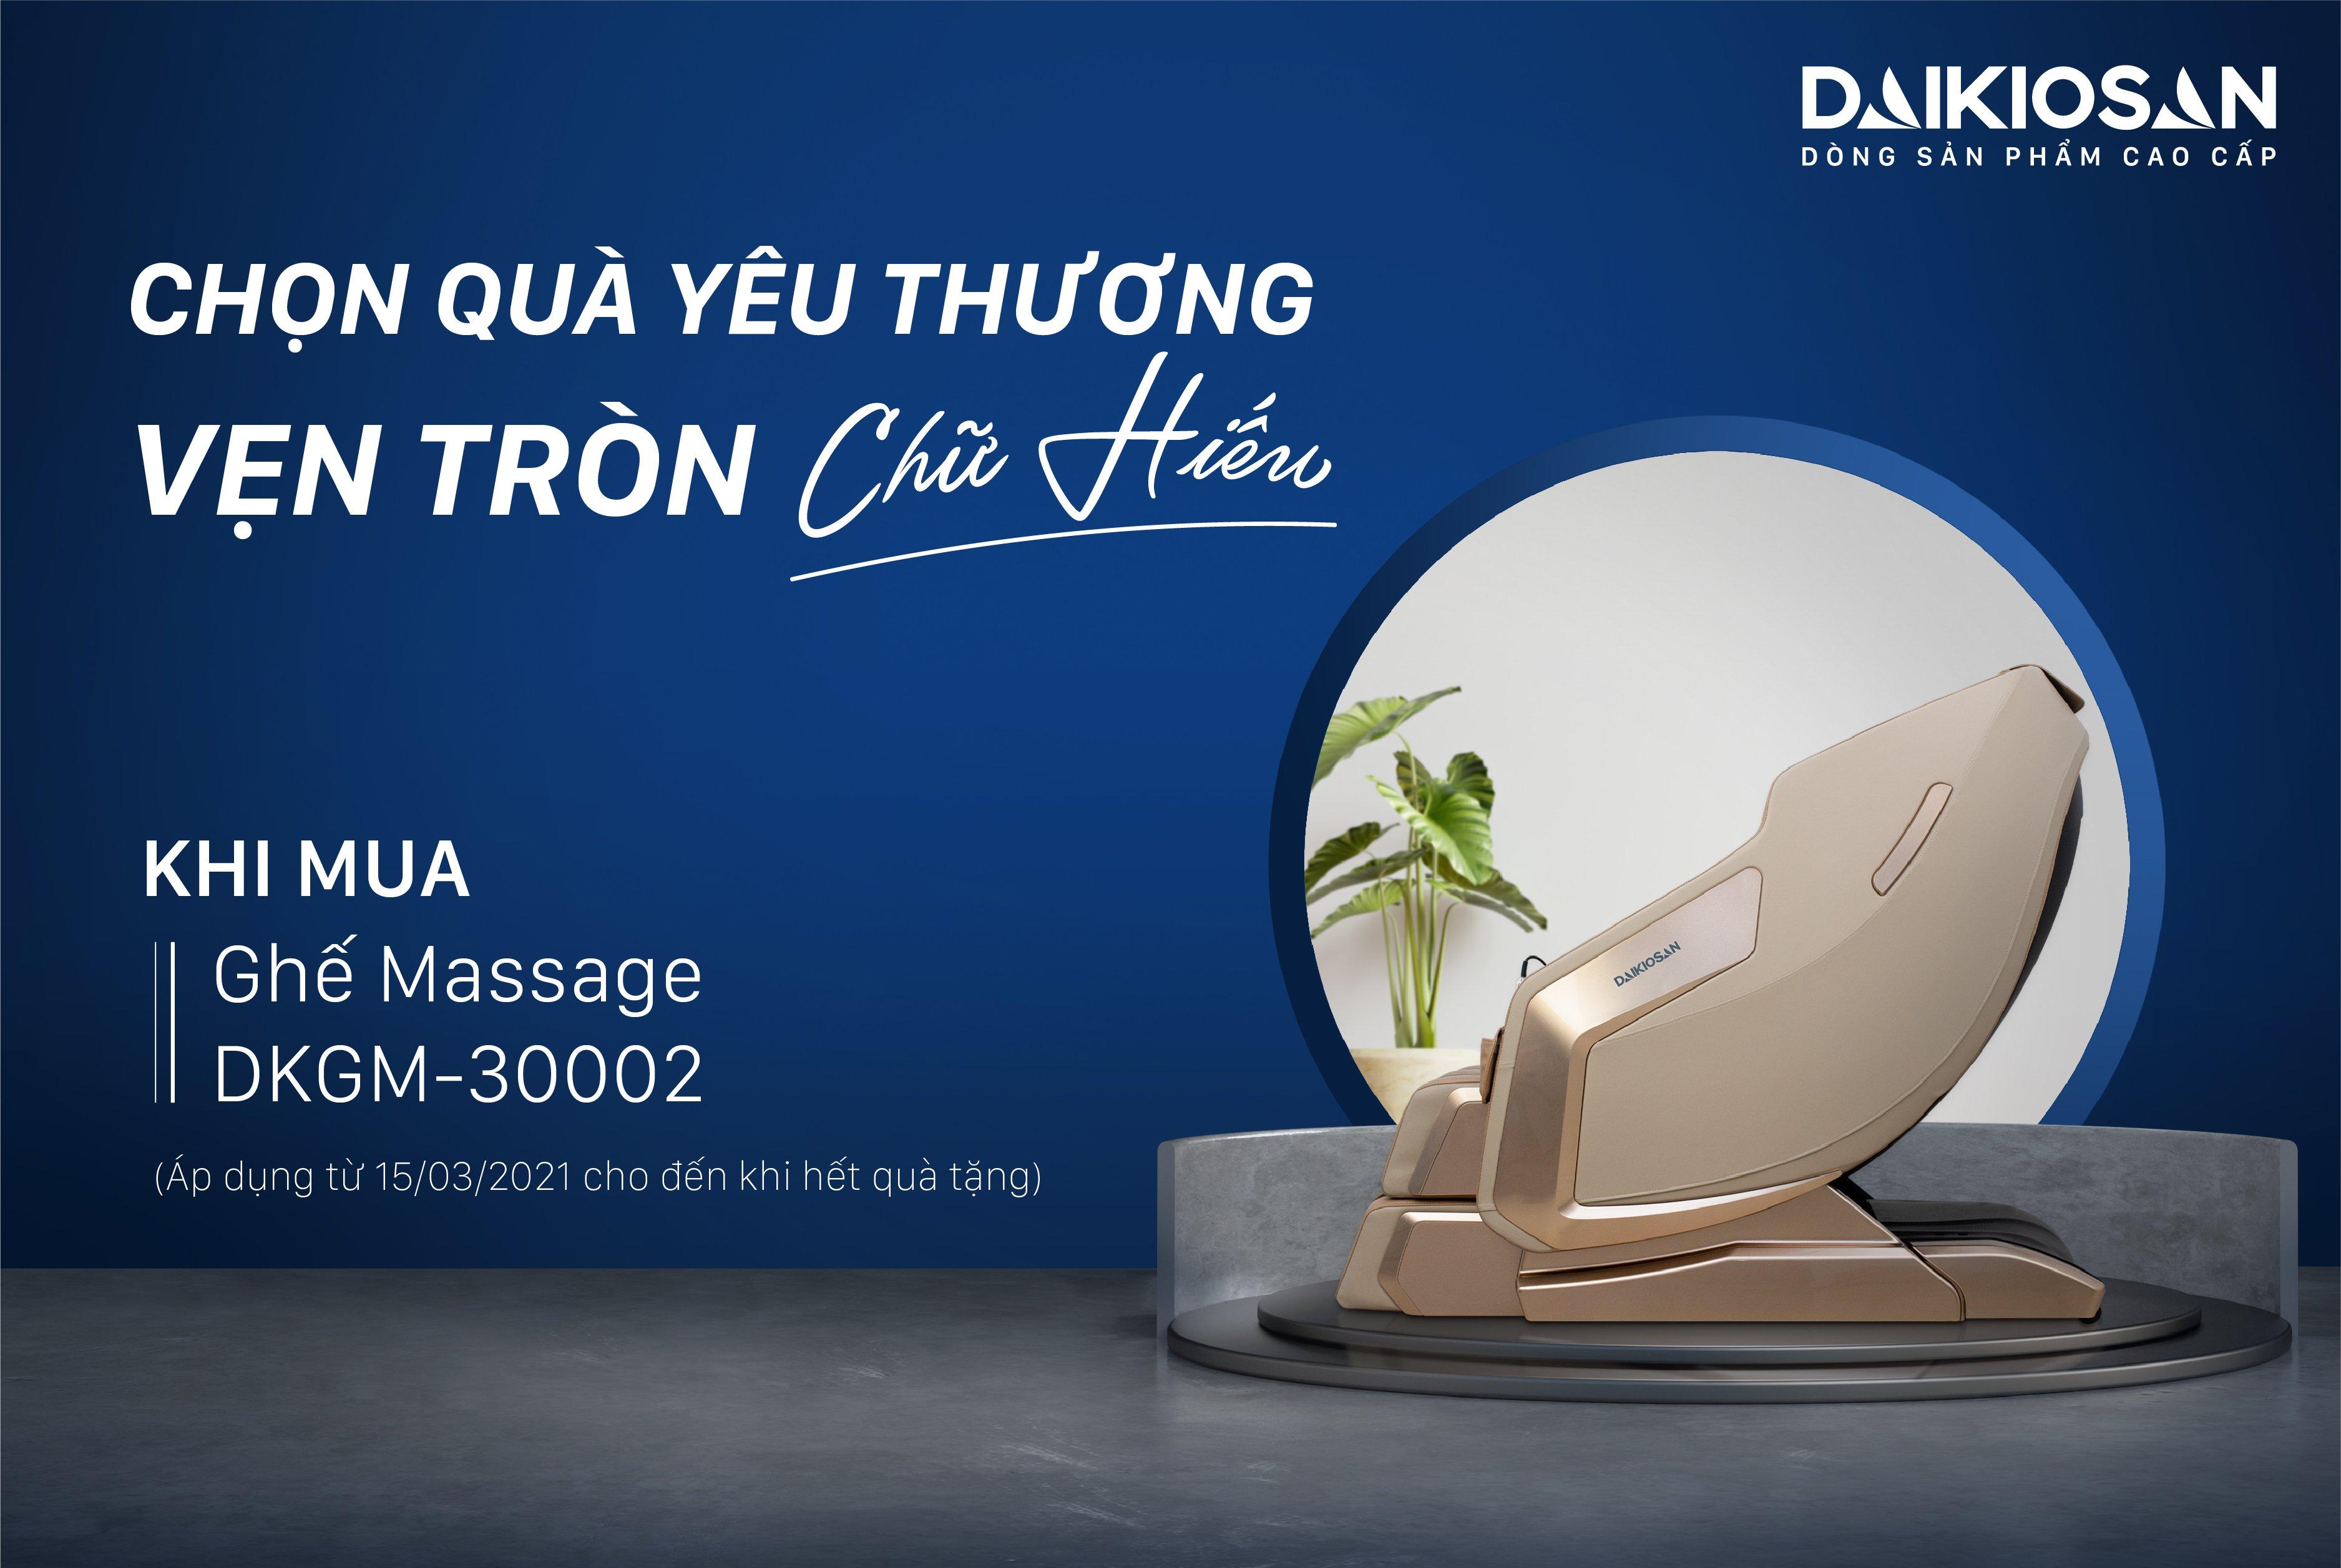 Ghế massage báo hiếu - món quà gửi trọn yêu thương